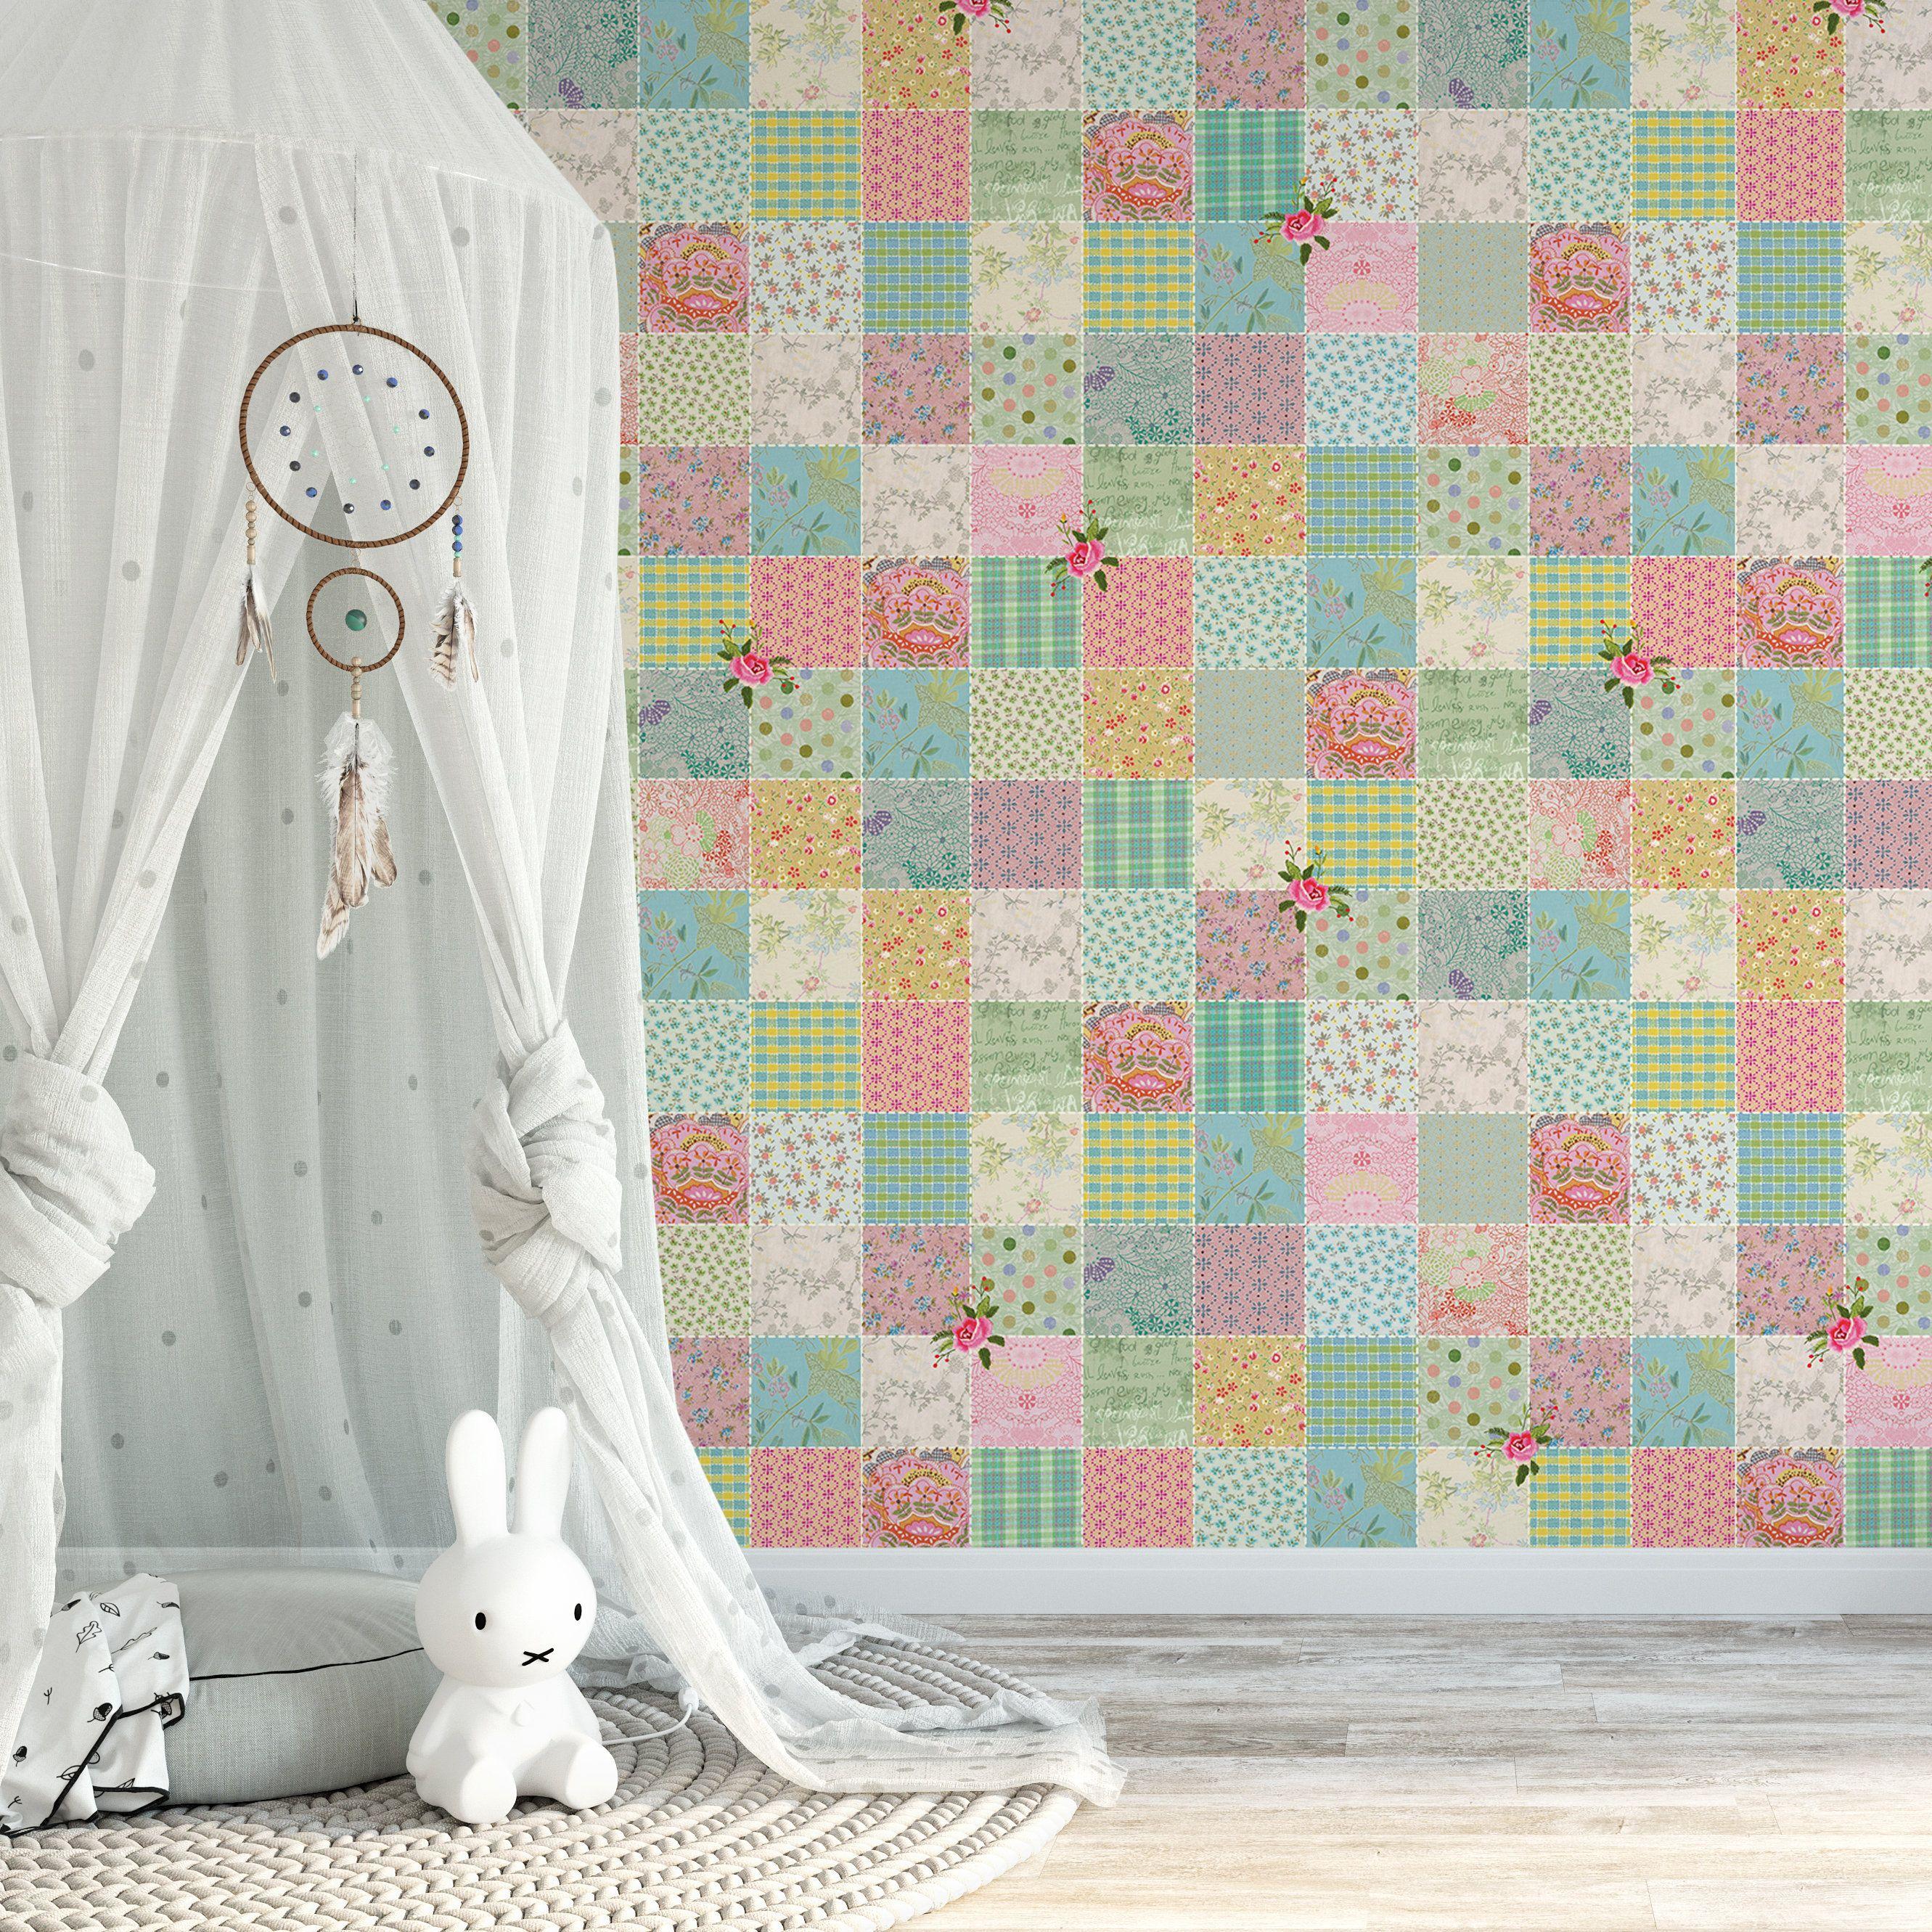 Self Adhesive Wallpaper, Nursery Wallpaper, Baby Room